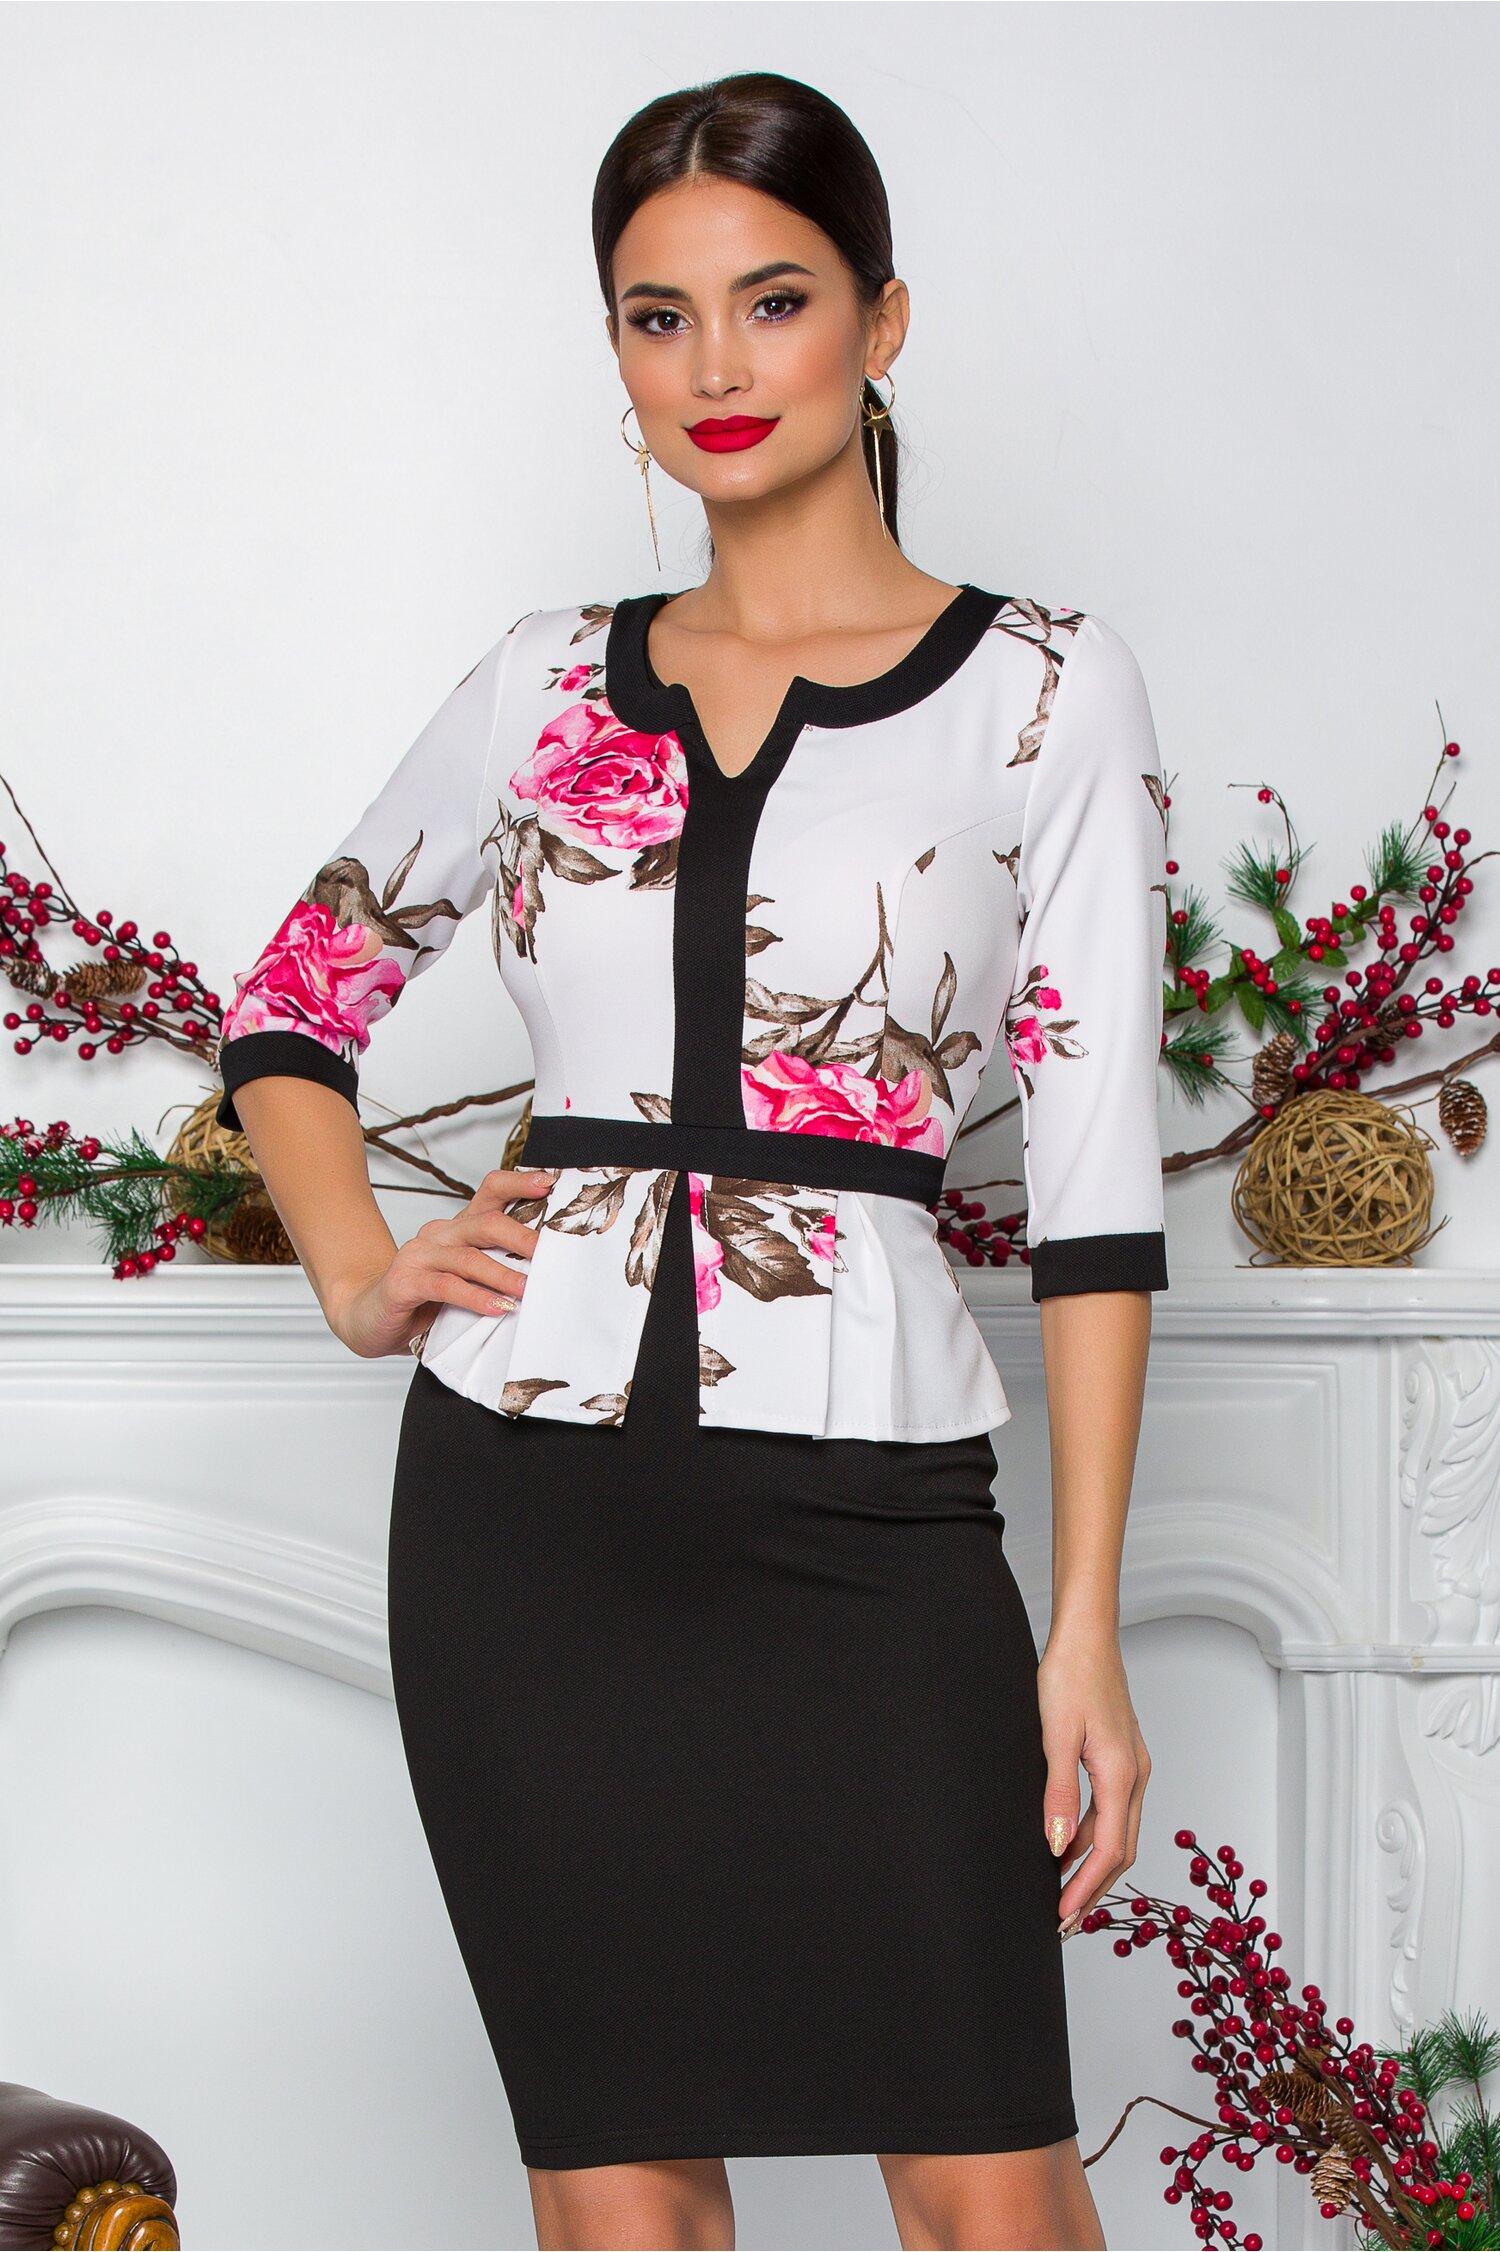 Rochie Sabrina neagra cu bust alb si flori roz